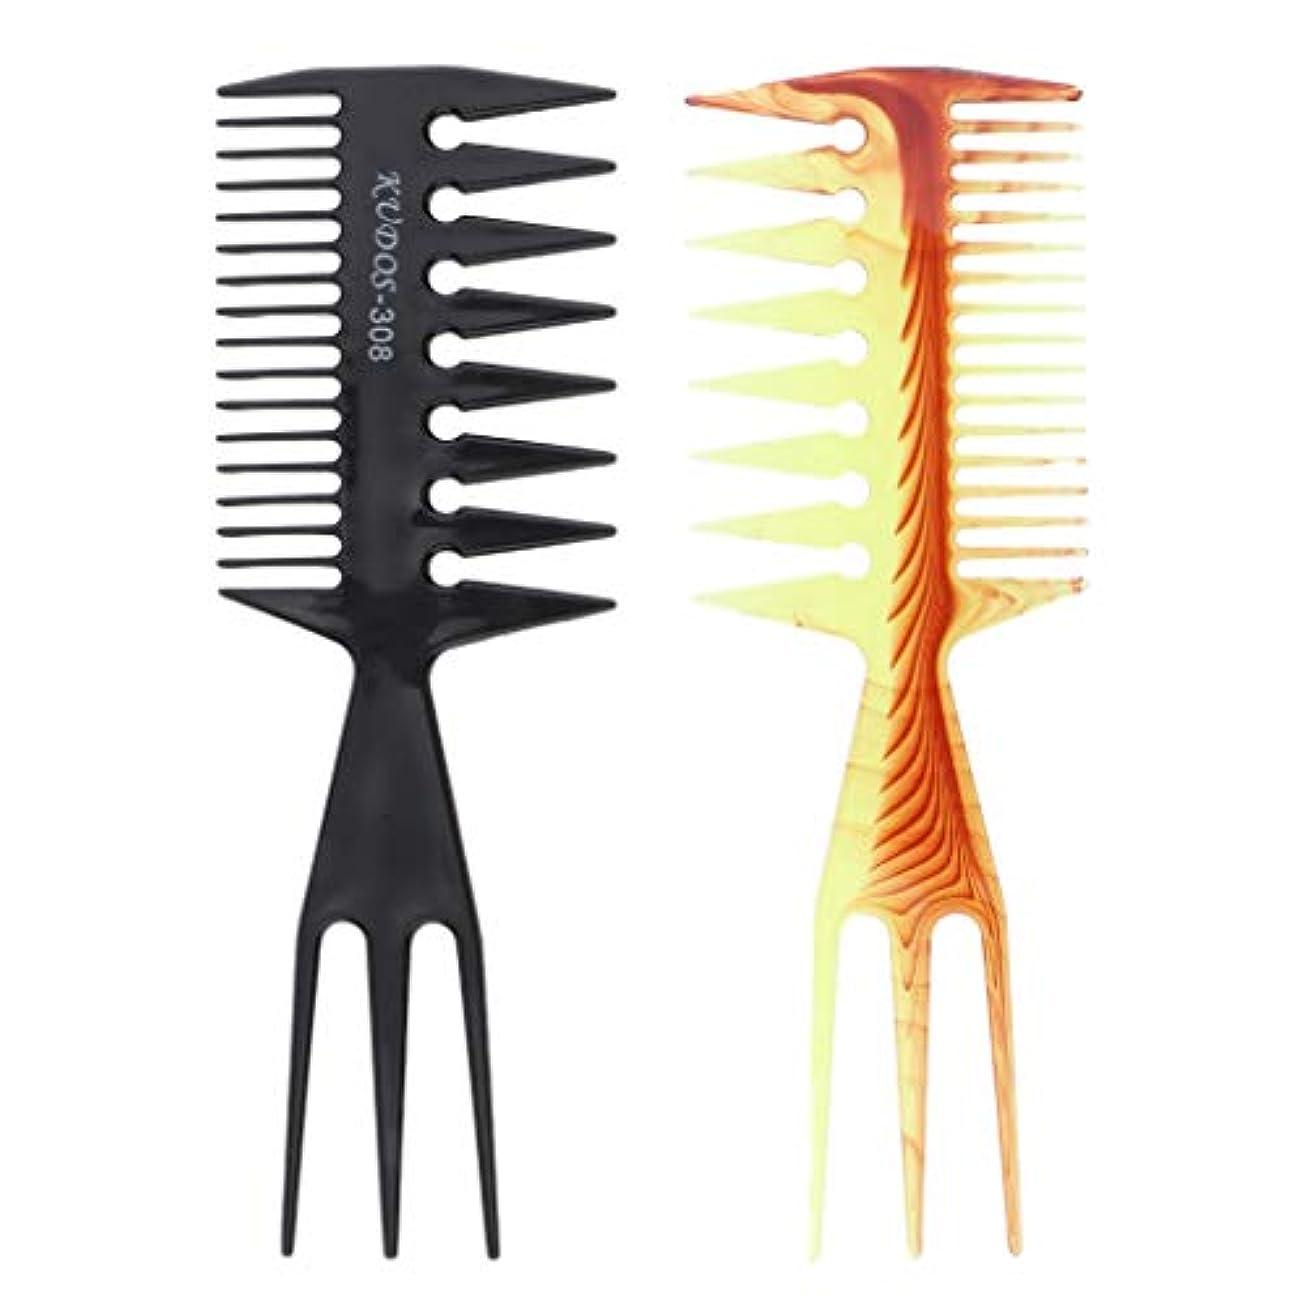 巻き取り免除する女性へアカラーセット ヘアダイブラシ DIY髪染め用 サロン 美髪師用 ヘアカラーの用具 2個セット